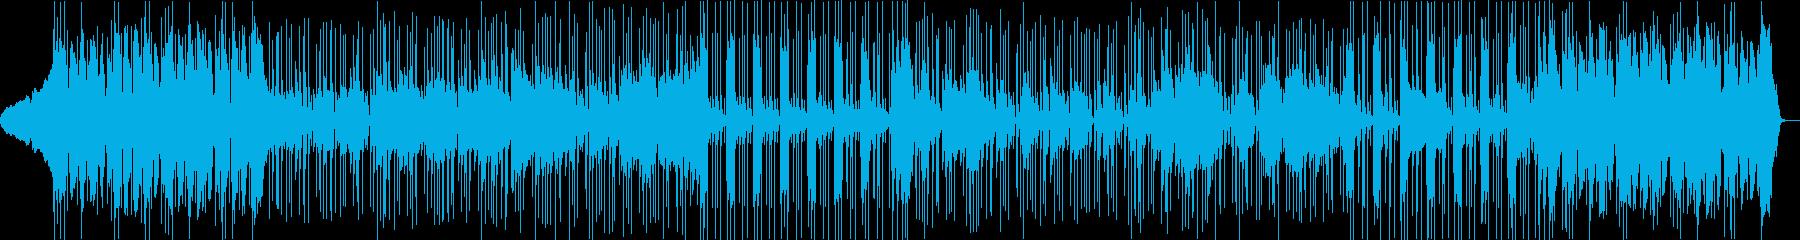 イントロで盛り上がるファンクロックの再生済みの波形